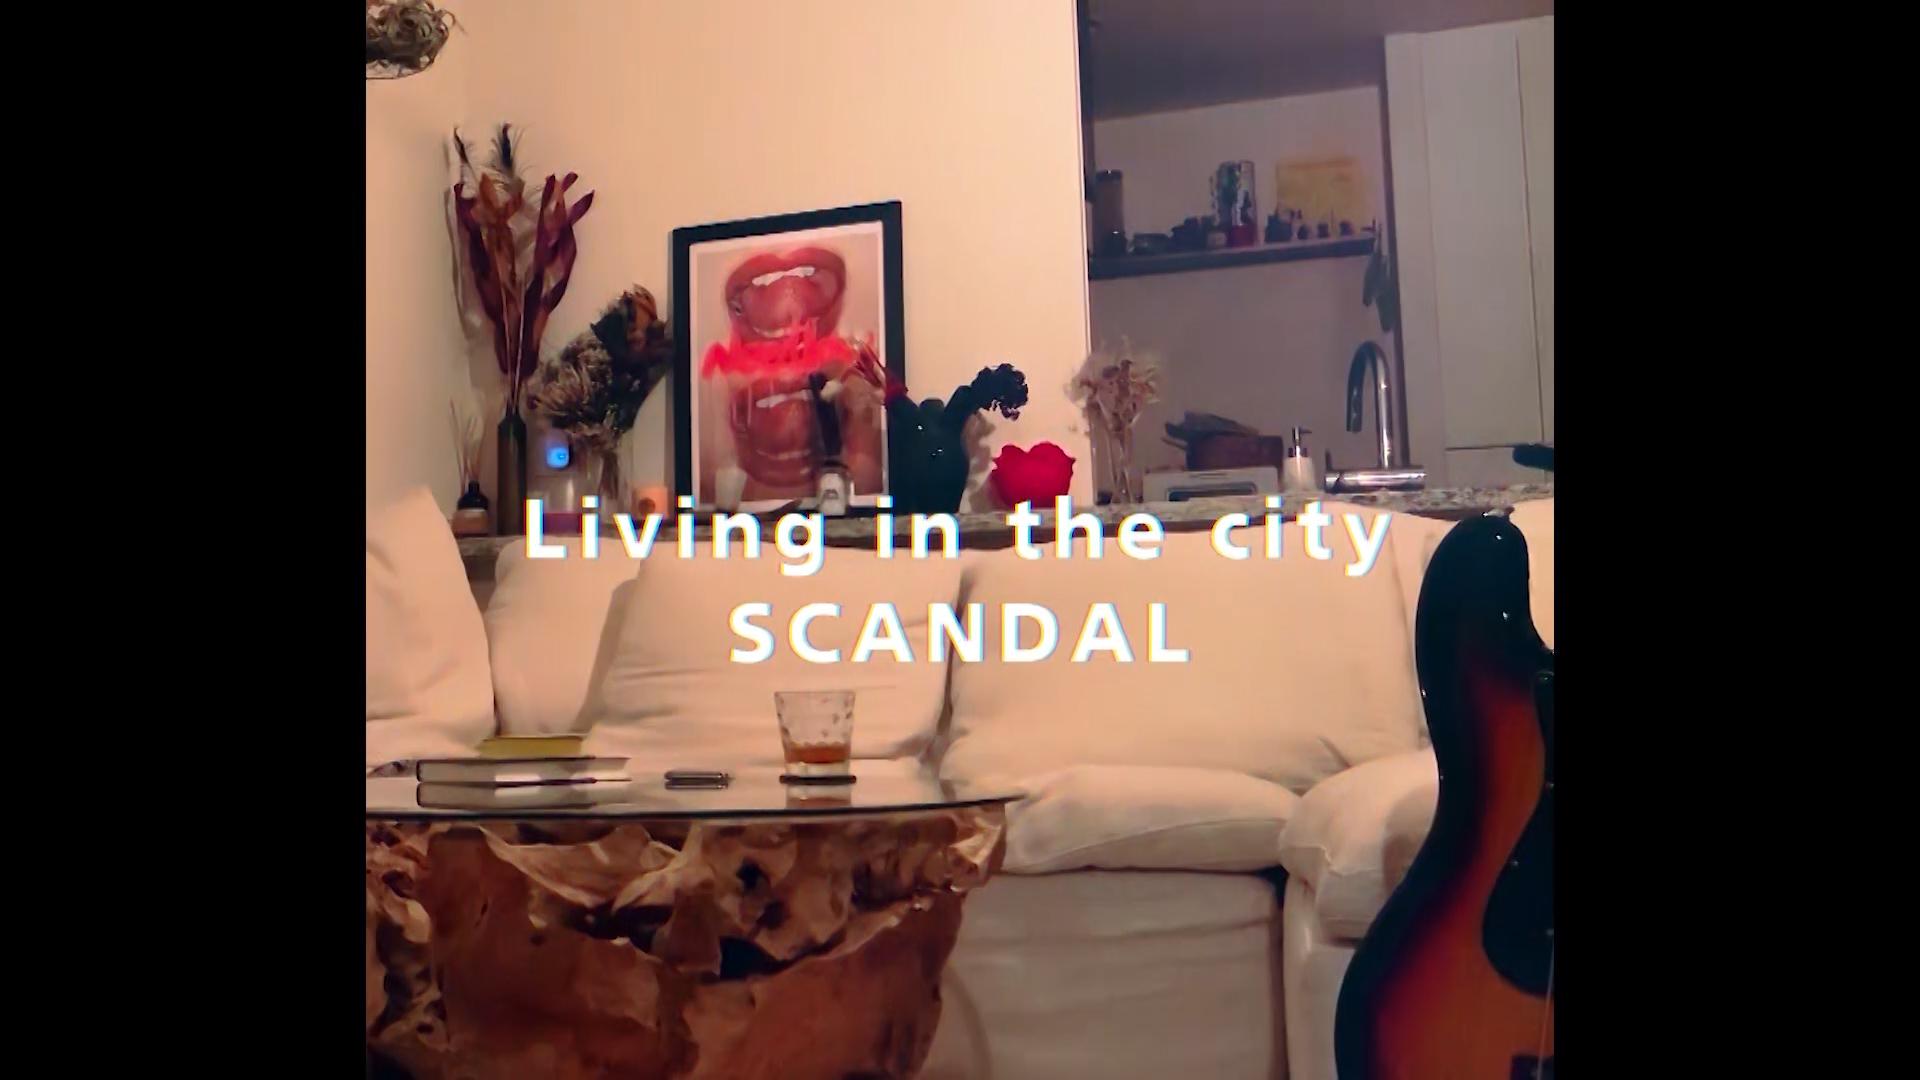 スキャンダル 自宅 SCANDAL Living in the city サムネイ ?